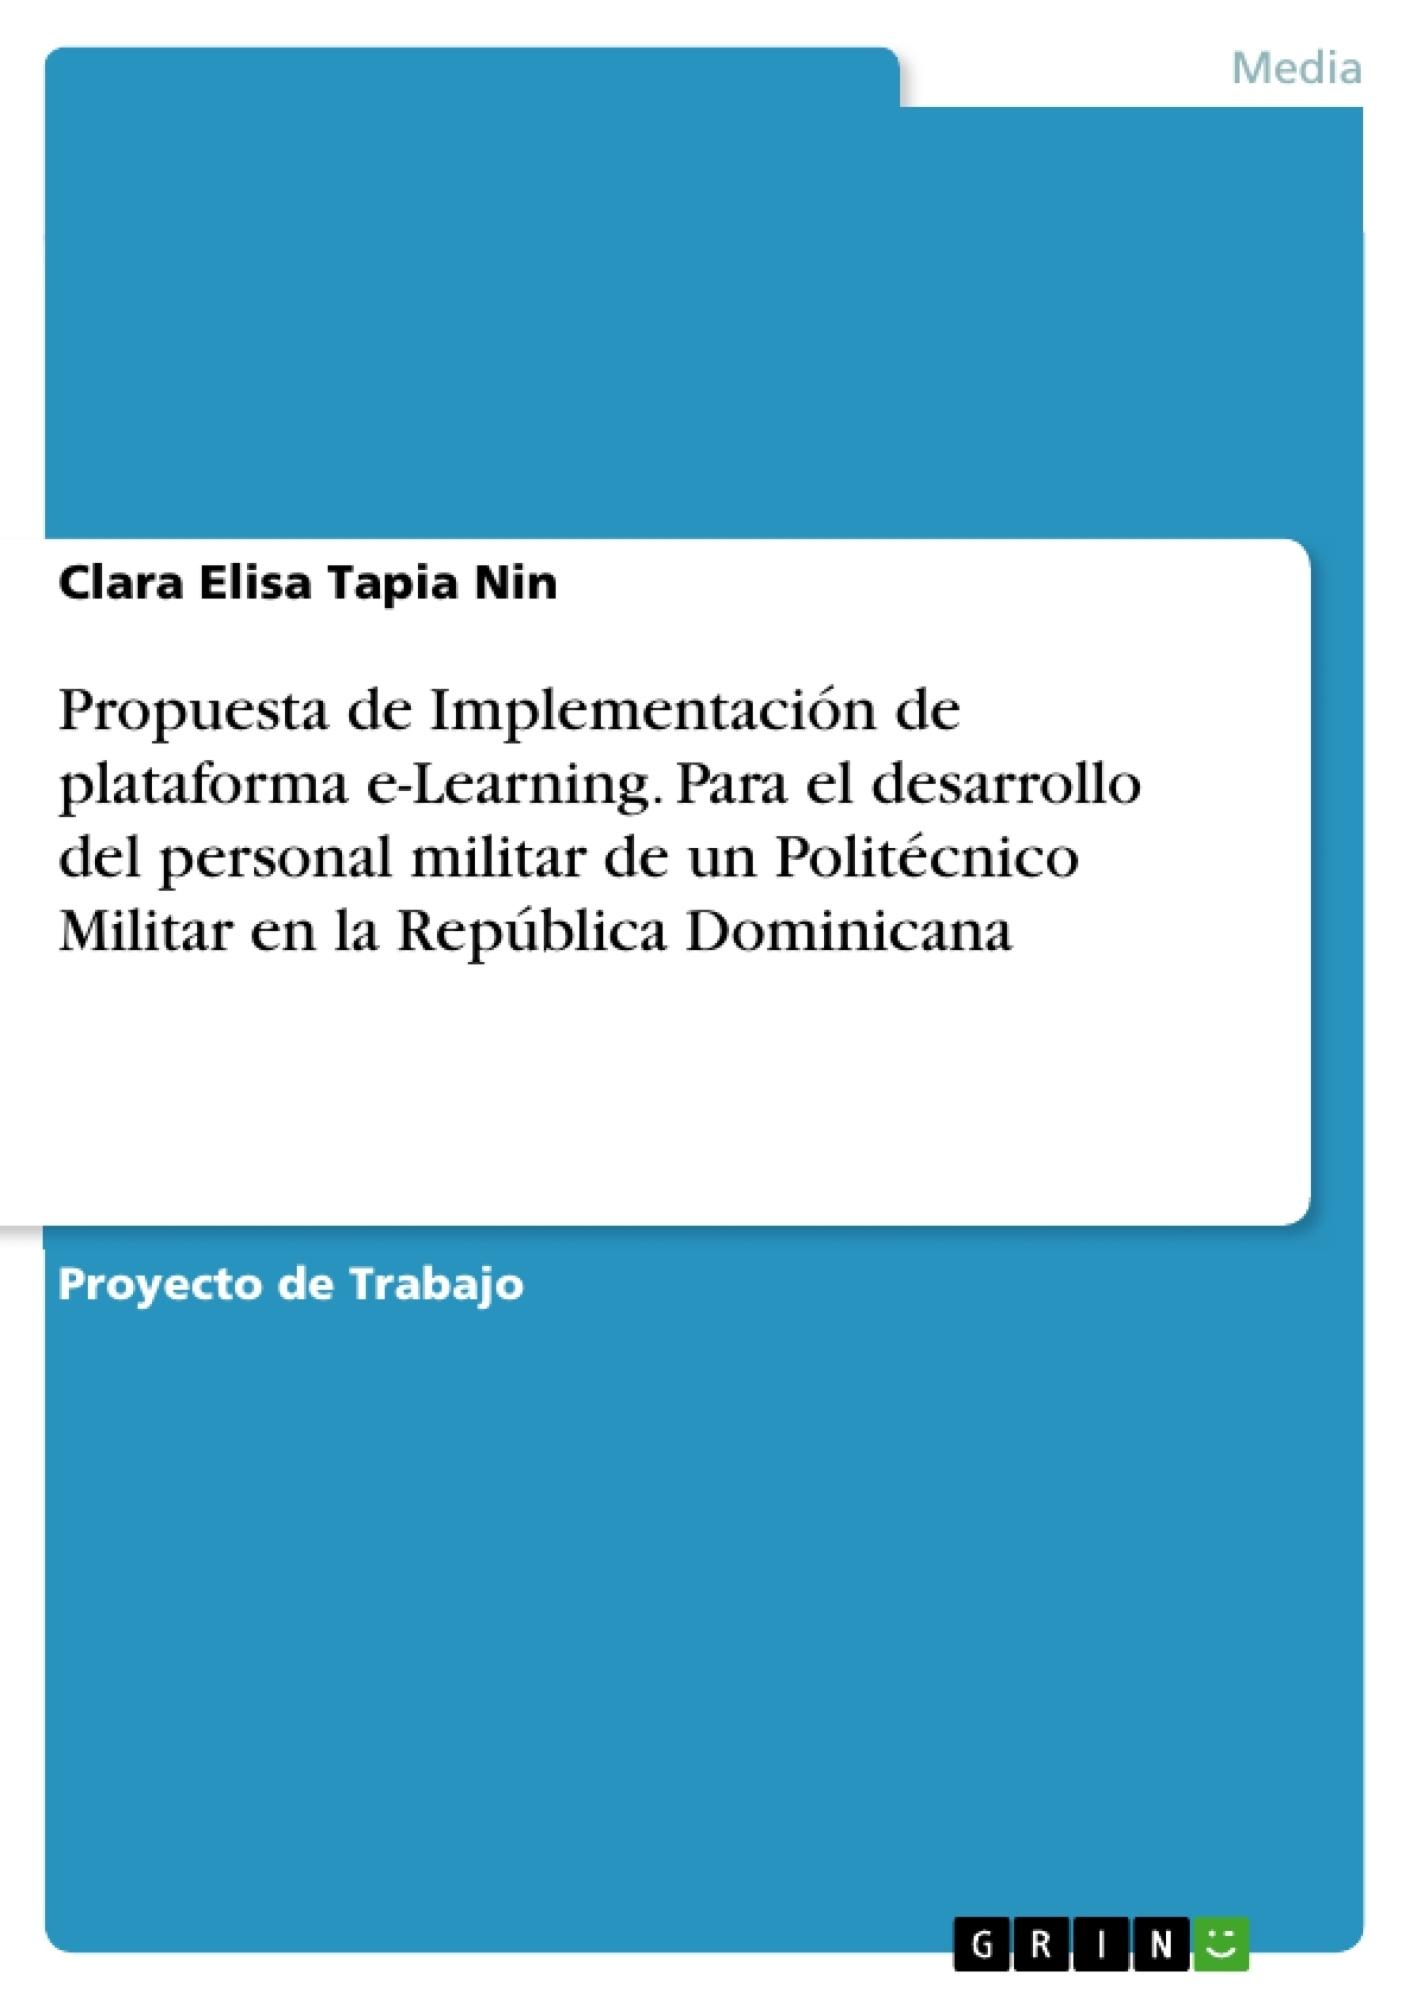 Título: Propuesta de Implementación de plataforma e-Learning. Para el desarrollo del  personal militar de un Politécnico Militar en la República Dominicana